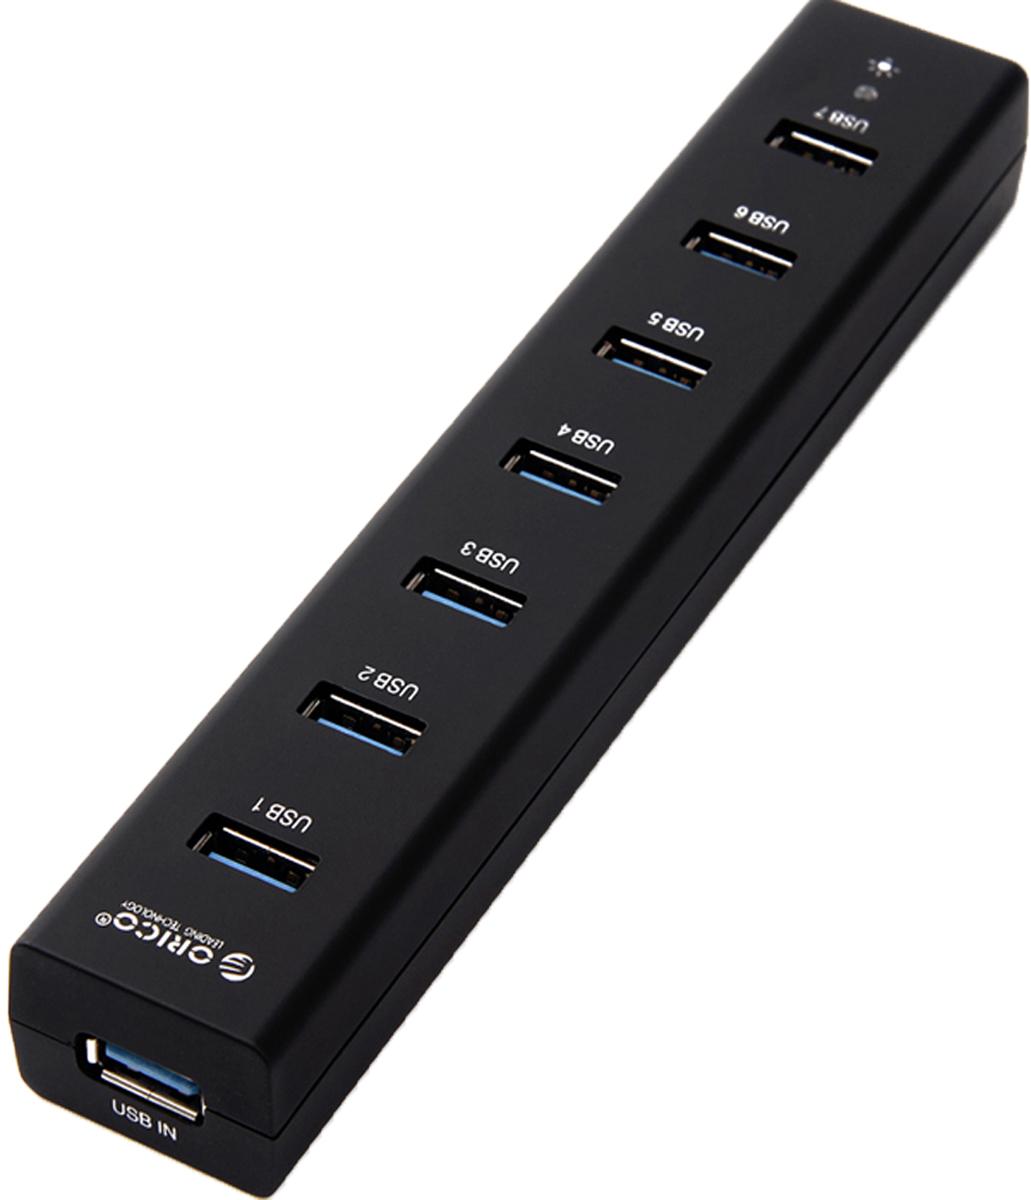 Orico H7013-U3, Black USB-концентраторORICO H7013-U3-BKOrico H7013-U3 может отлично дополнить любой ультрабук или ПК. Семь портов USB 3.0 позволят подключить разнообразную периферию, а благодаря внешнему блоку питания, всем подключённым жёстким дискам хватит мощности. Контроллер производства Via-Labs обеспечит стабильную работу концентратора при подключении большого количества устройств или при копировании больших объёмов данных на флешки или жёсткие диски. Все разъёмы Orico H7013-U3 обеспечивают скорость передачи данных в 5 Гбит/сек. Этой скорости с запасом хватит не только для подключения простой периферии, но для жёстких дисков и быстрых флэш-накопителей. Orico H7013-U3 оборудован 7 портами USB и при подключении большого числа накопителей ему понадобится внешнее питание. Для этого в комплекте предусмотрен блок питания кабелем длиной 1 метр. У Orico H7013-U3 компактный минималистичный дизайн, поэтому он может стать идеальным спутником во время поездок.Orico H7013-U3 не требует установки драйверов и совместим с большинством популярных операционных систем: Windows XP, Vista, 7, 8, 8.1, 10, Mac OS и Linux.Адаптер питания в комплекте.7 портов USB 3.0 для подключения периферии, флешек и жёстких дисков.LED-индикатор питания.Характеристики:Источник питания: Внешний блок питанияМатериал корпуса: ABS-пластикВход USB 3.0 Type AВыход USB 3.0 Type AUSB выходов: 7Стандарты USB: 3.0; 2.0; 1.1; 1.0Скорость сигнала: 5 Гбит/секГабариты 187x32x23 ммДлина кабеля 1 метр у блока питания 1 метр для USB-хаба.